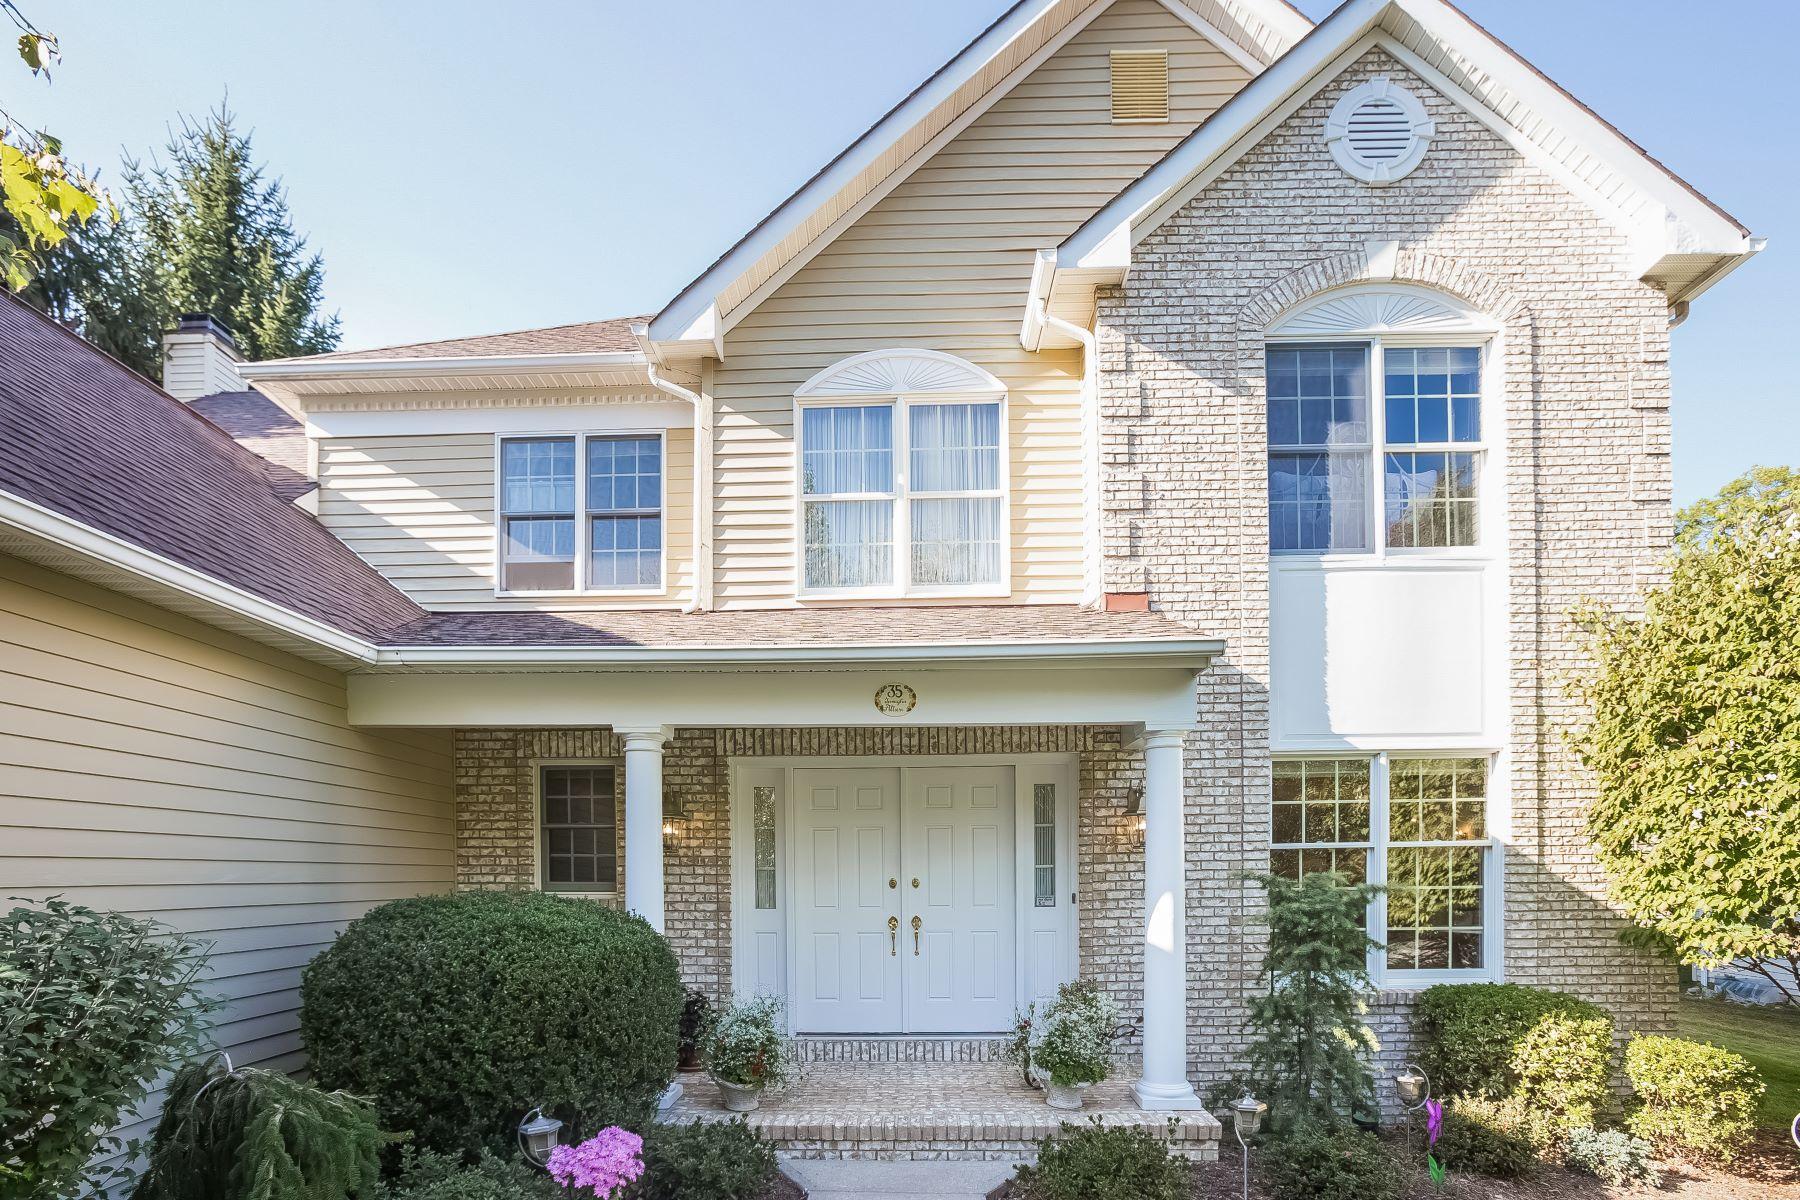 Частный односемейный дом для того Аренда на 35 Mcguiness Lane White Plains, Нью-Йорк, 10605 Соединенные Штаты